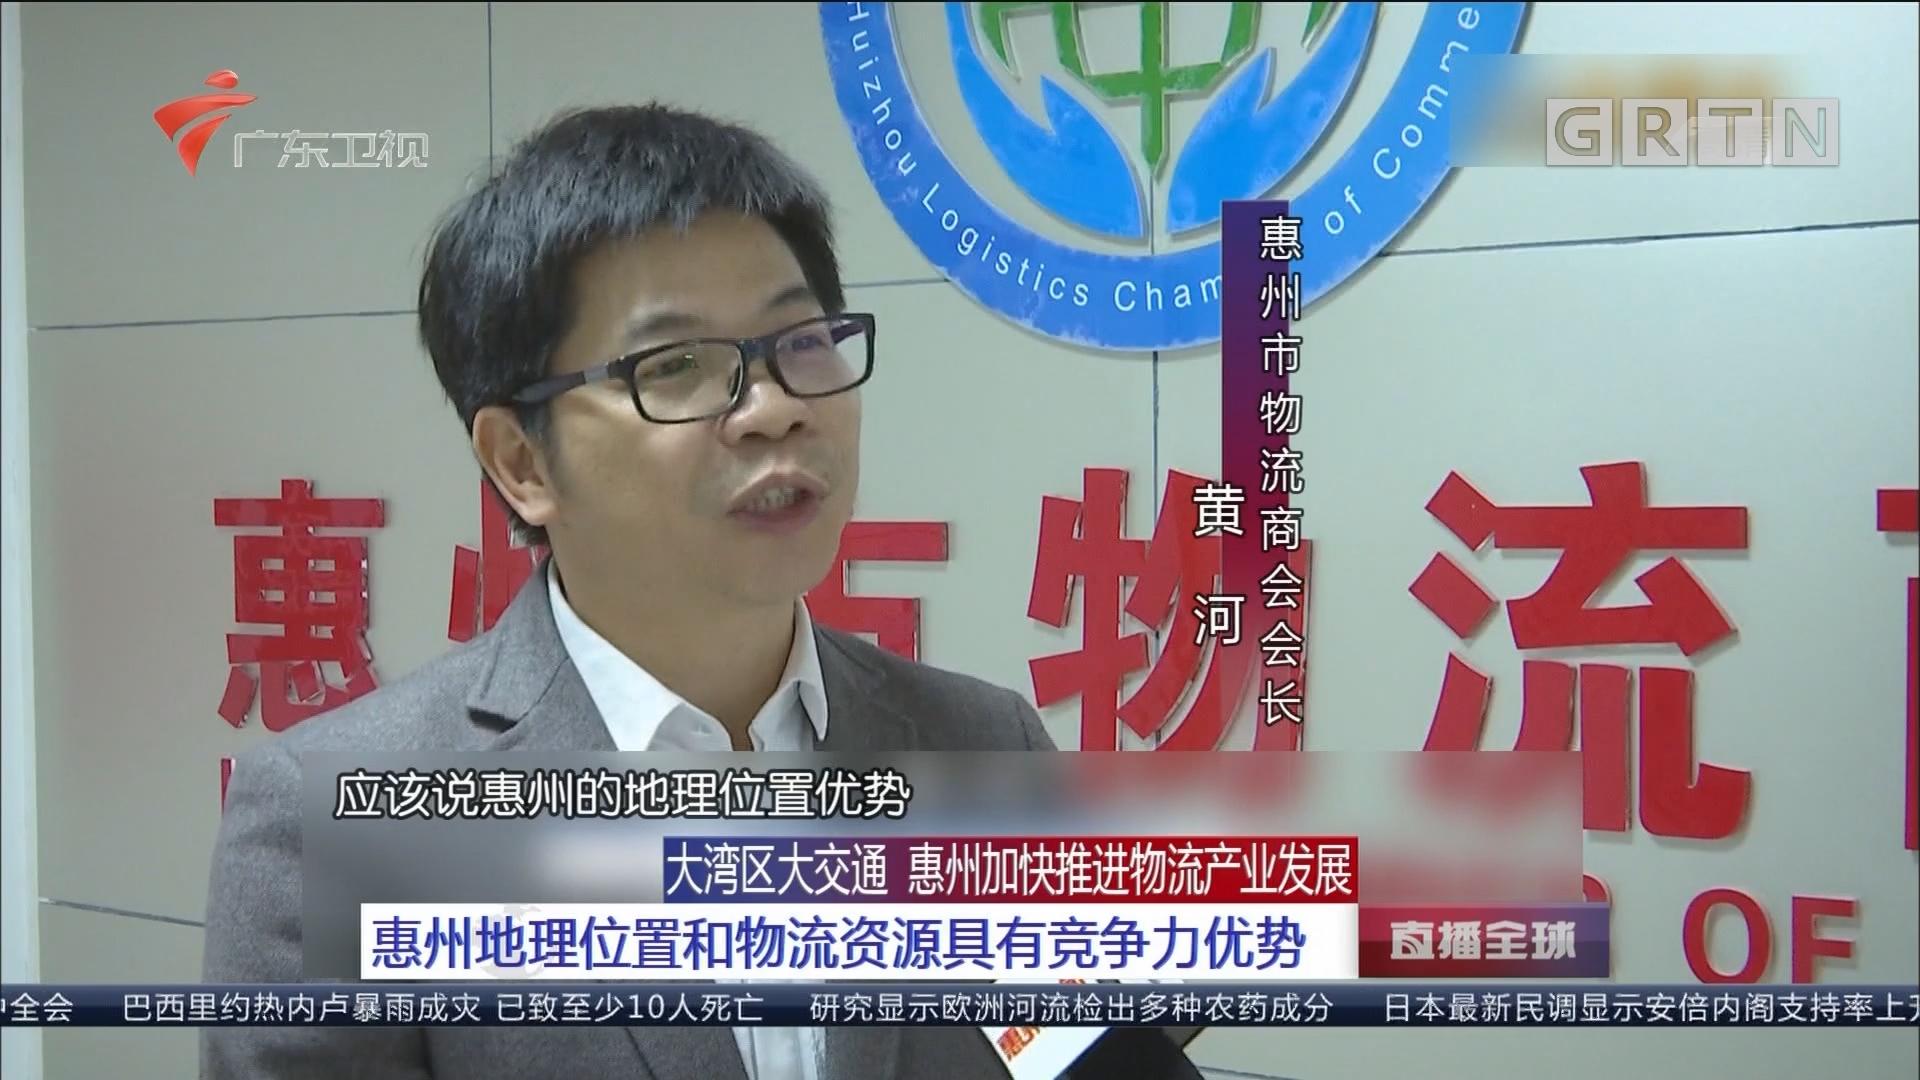 大湾区大交通 惠州加快推进物流产业发展 惠州地理位置和物流资源具有竞争力优势